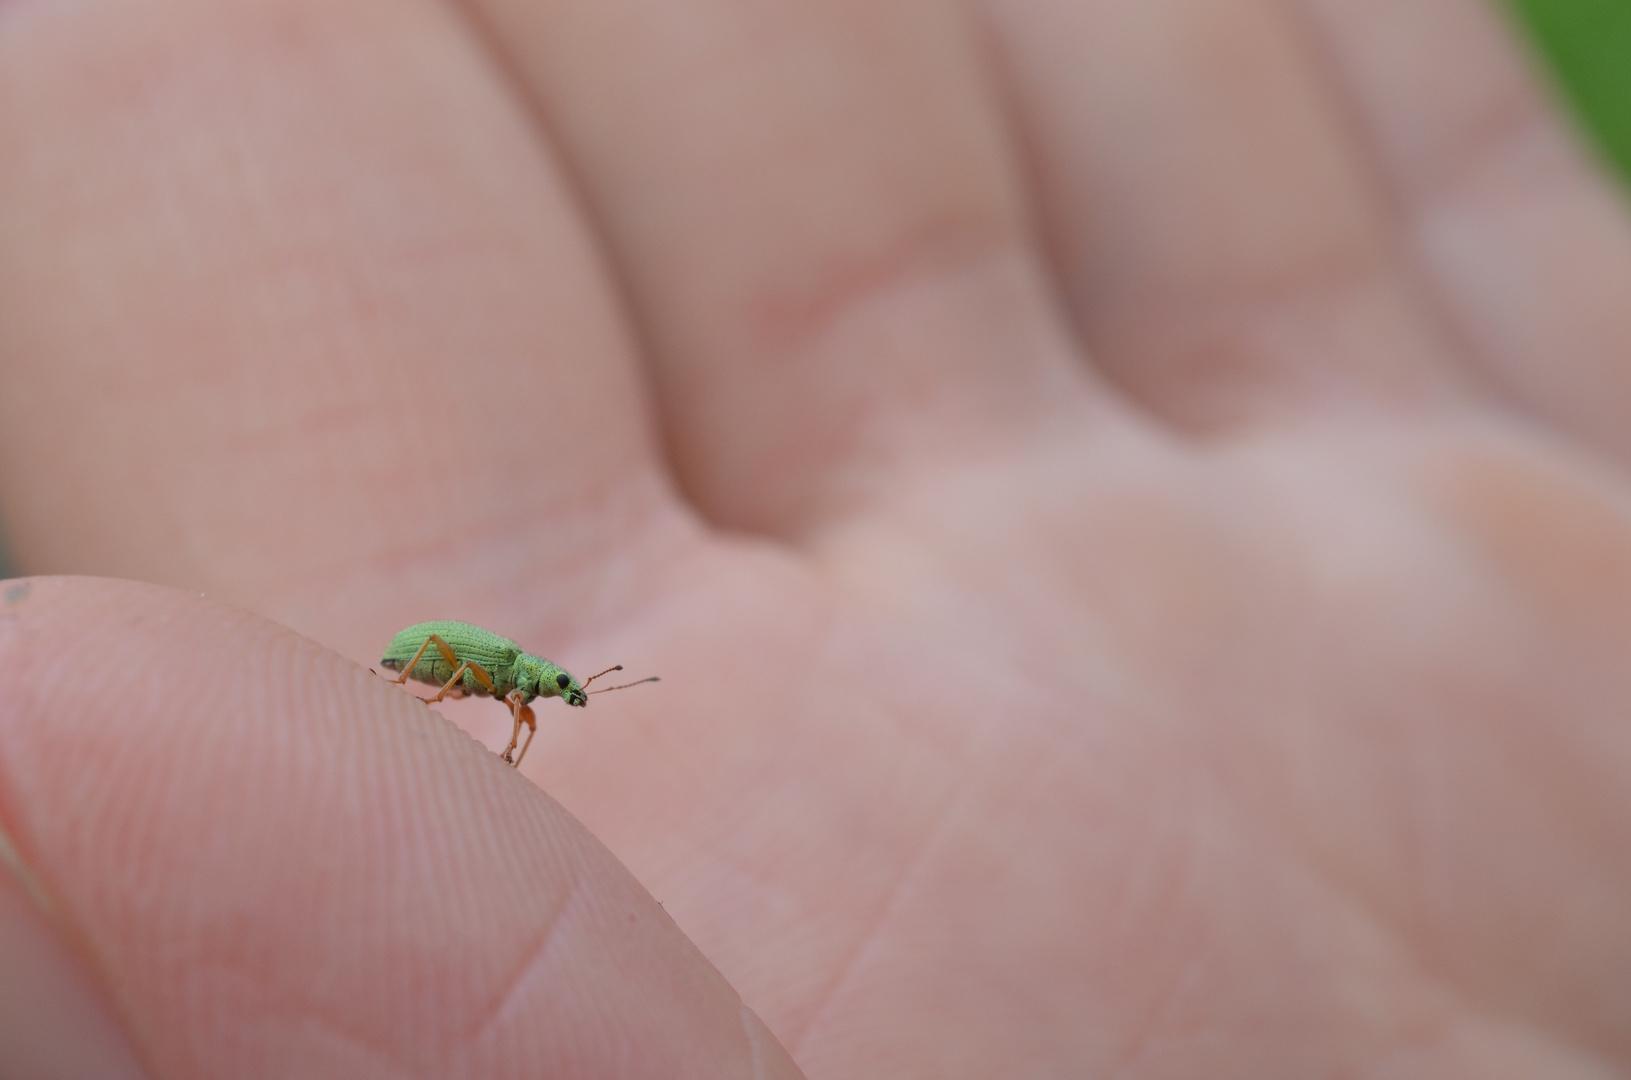 Kleiner grüner Freund